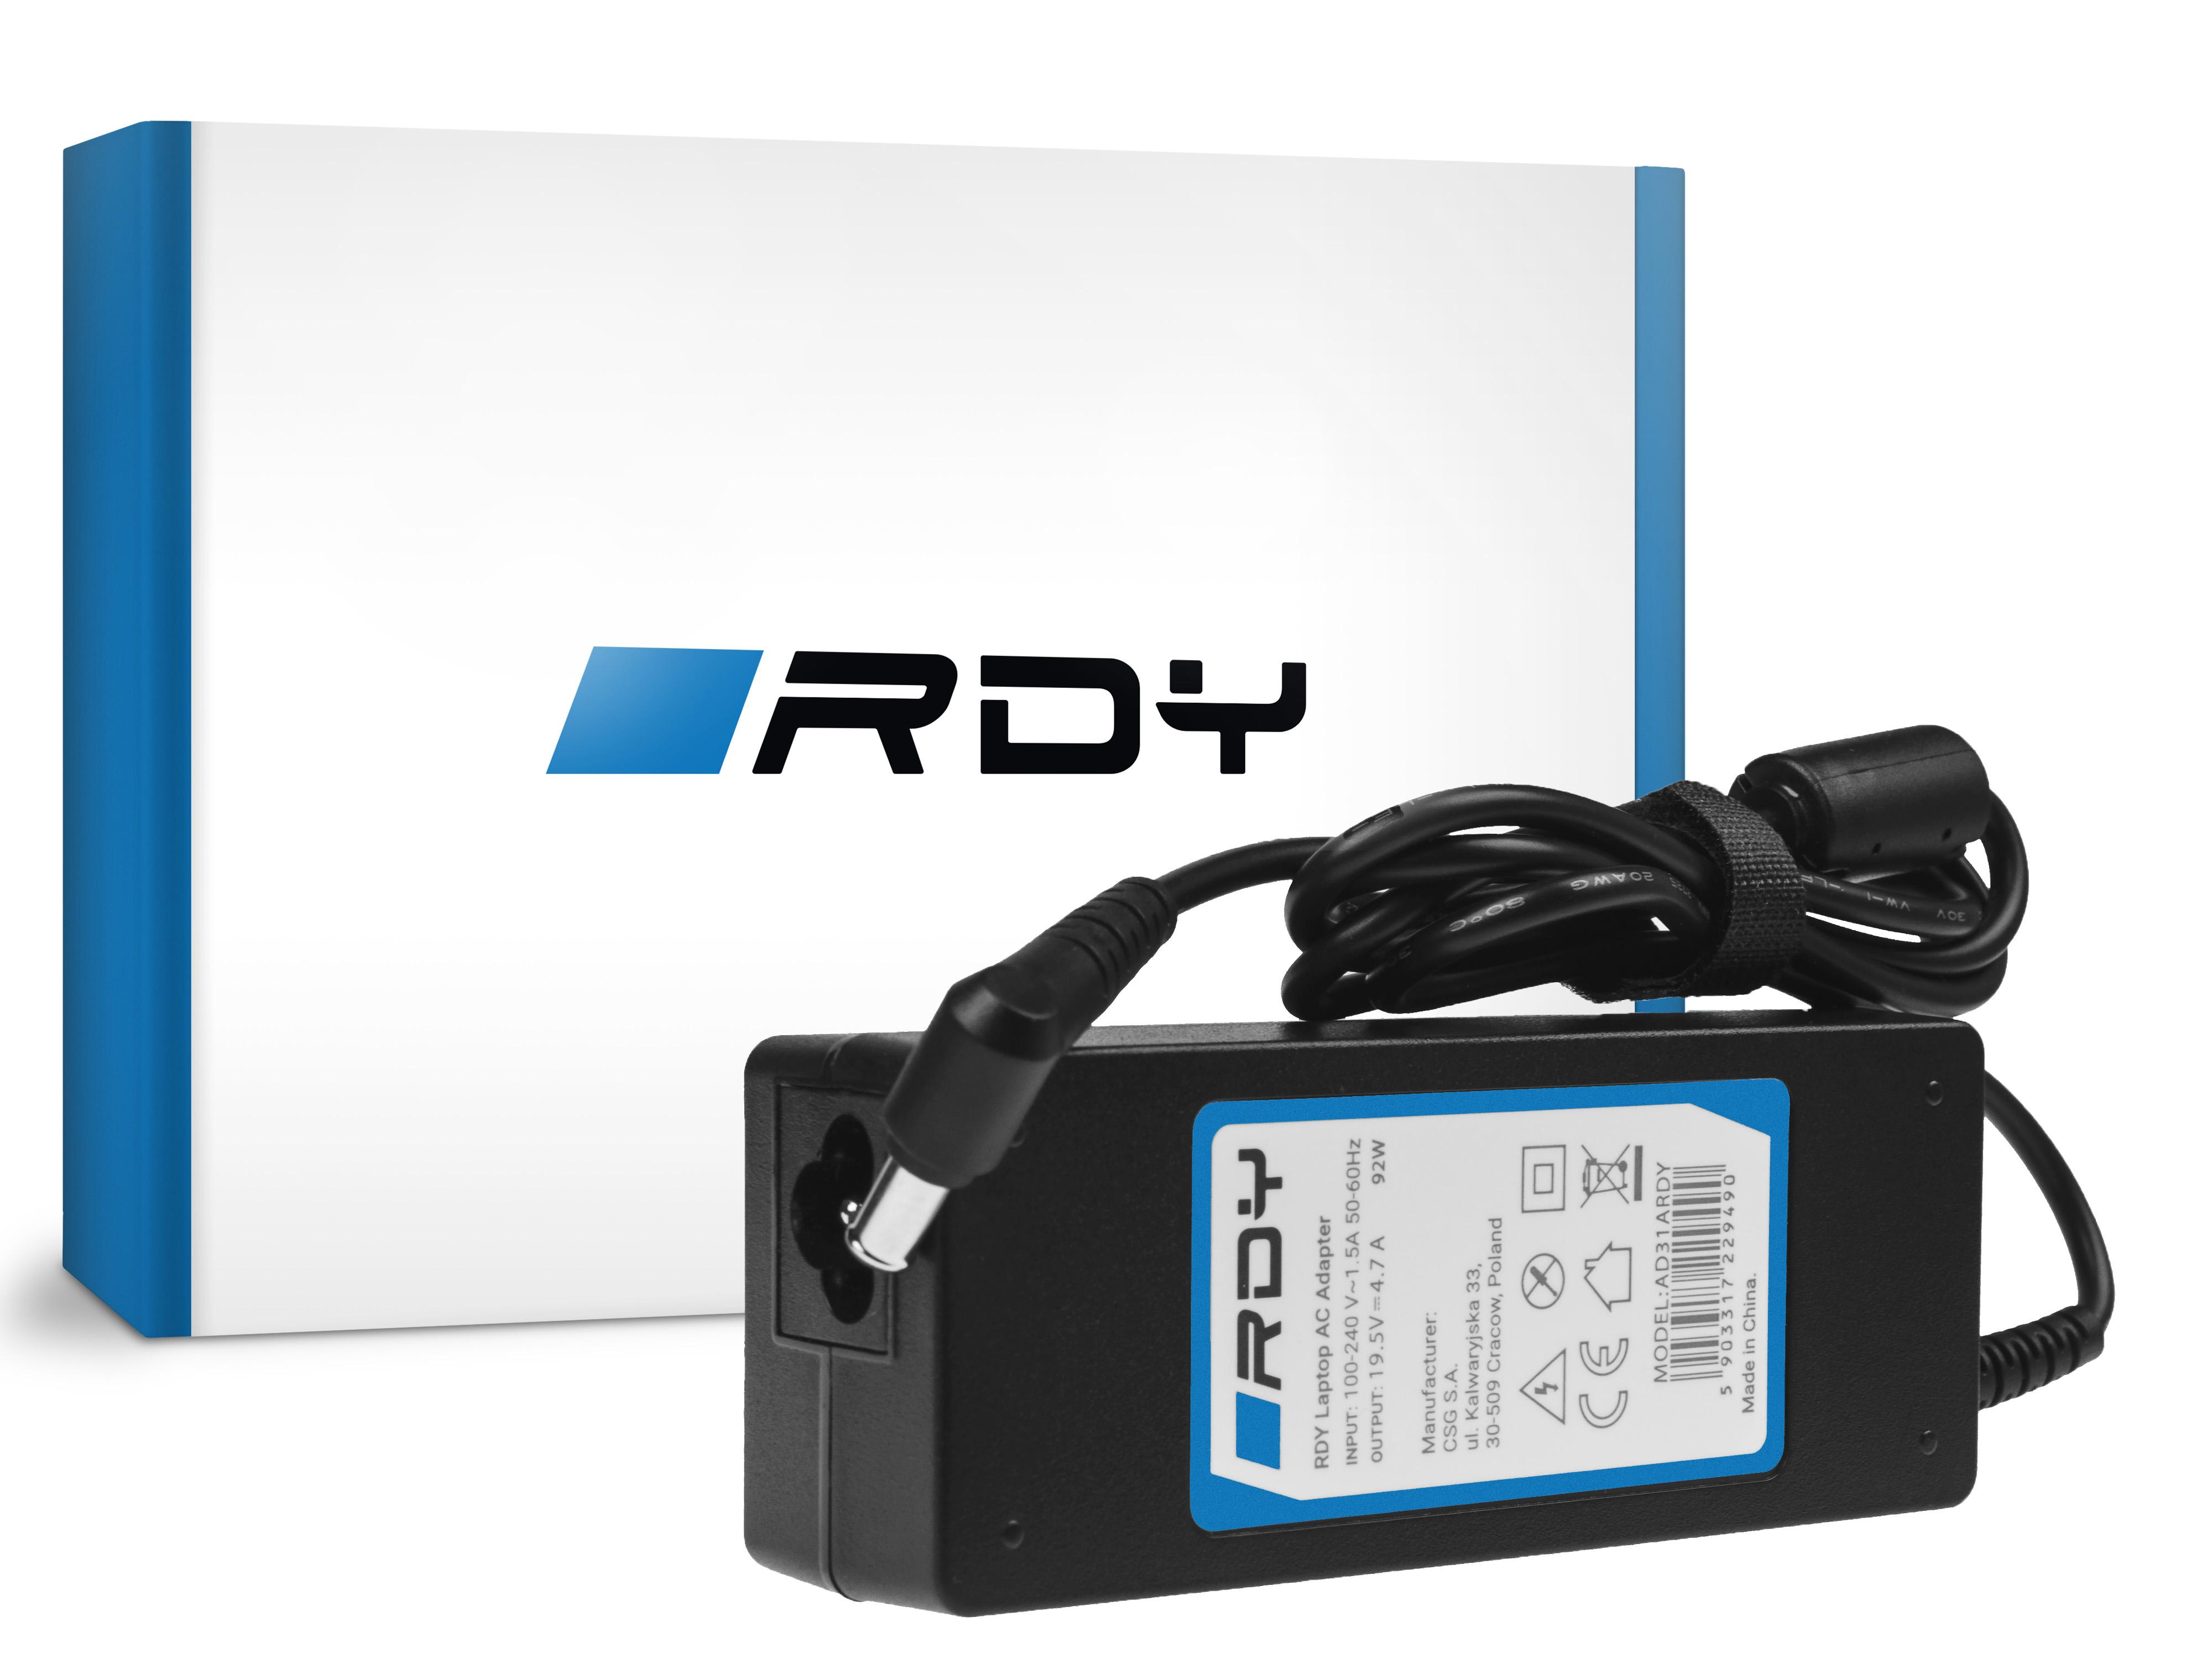 Zasilacz Ładowarka RDY 19.5V 4.7A 90W do Sony Vaio PCG 61211M PCG 71211M PCG 71811M PCG 71911M Fit 15 15E SVF152A29M